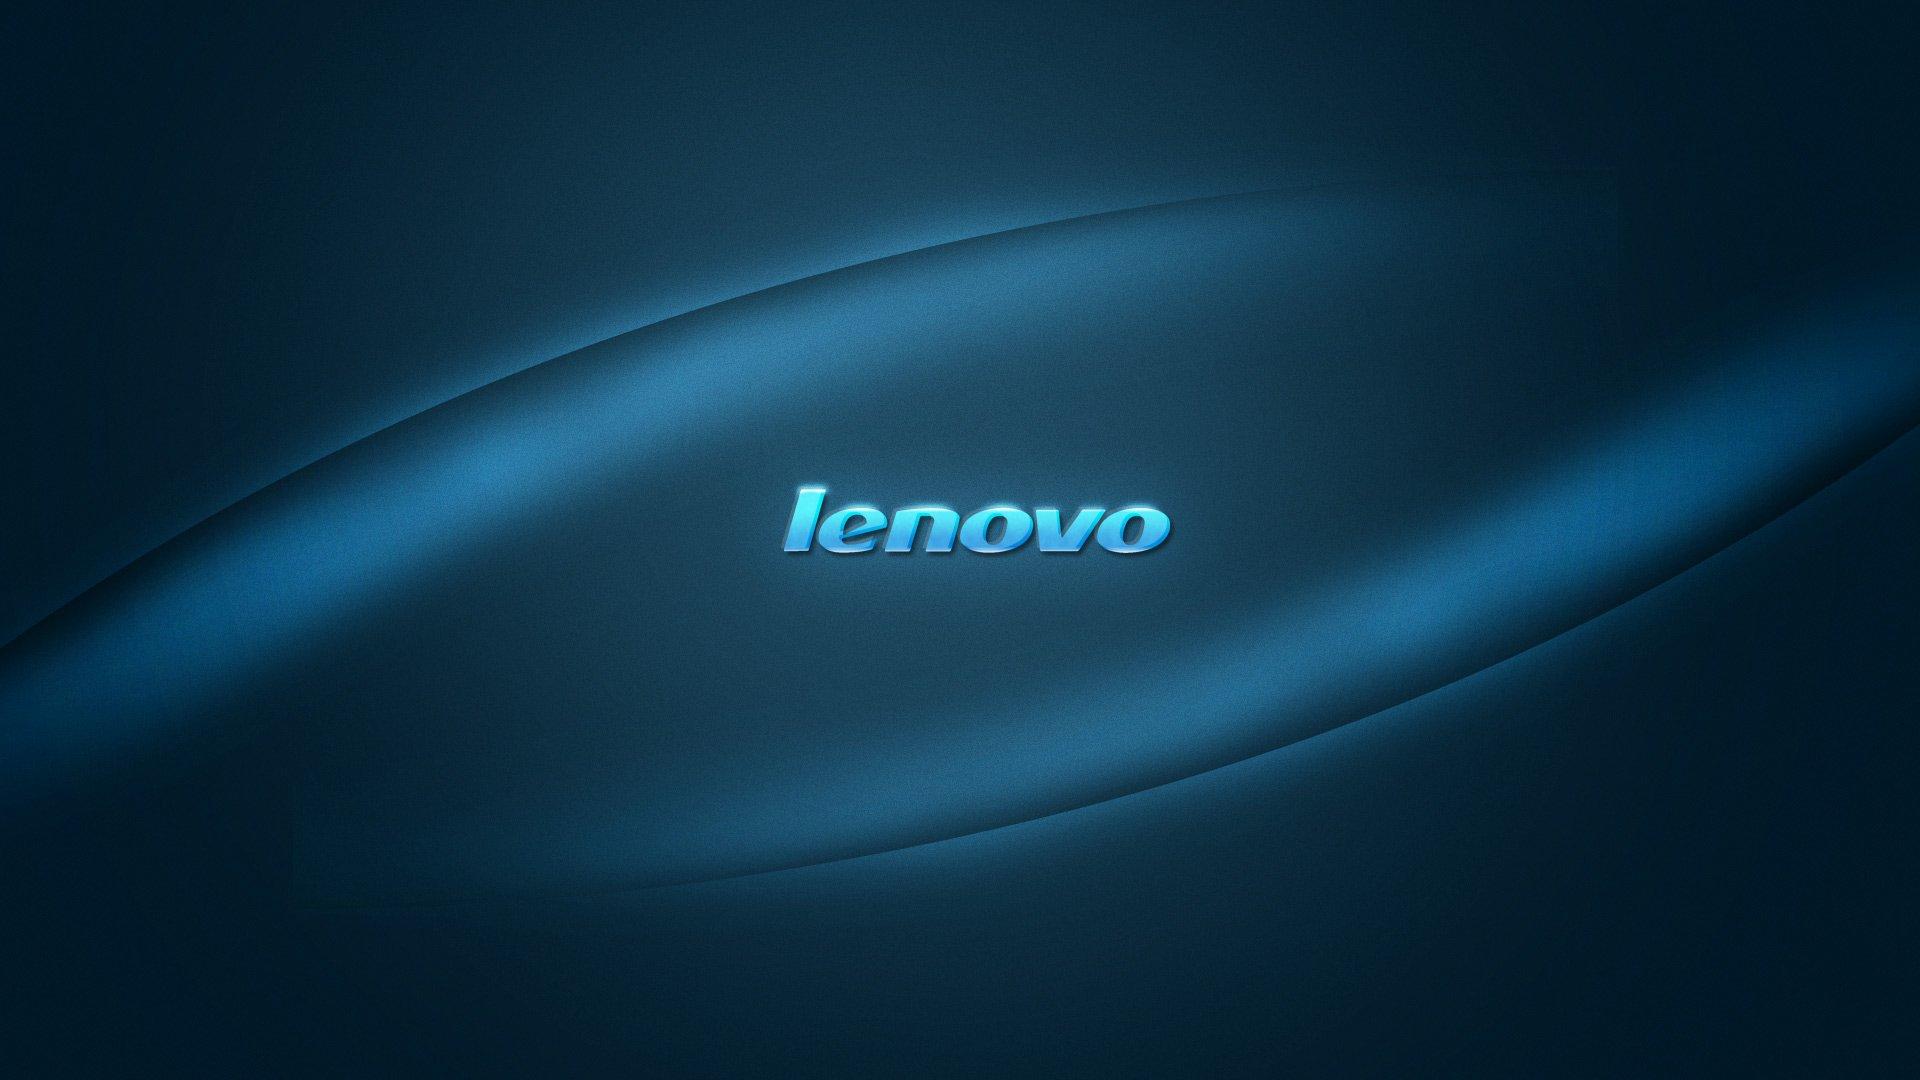 Ноутбук Lenovo IdeaPad 720-15IKB (81AG004VRK) i7-7500U (2.7)/8GB/1TB+128GB SSD/15.6